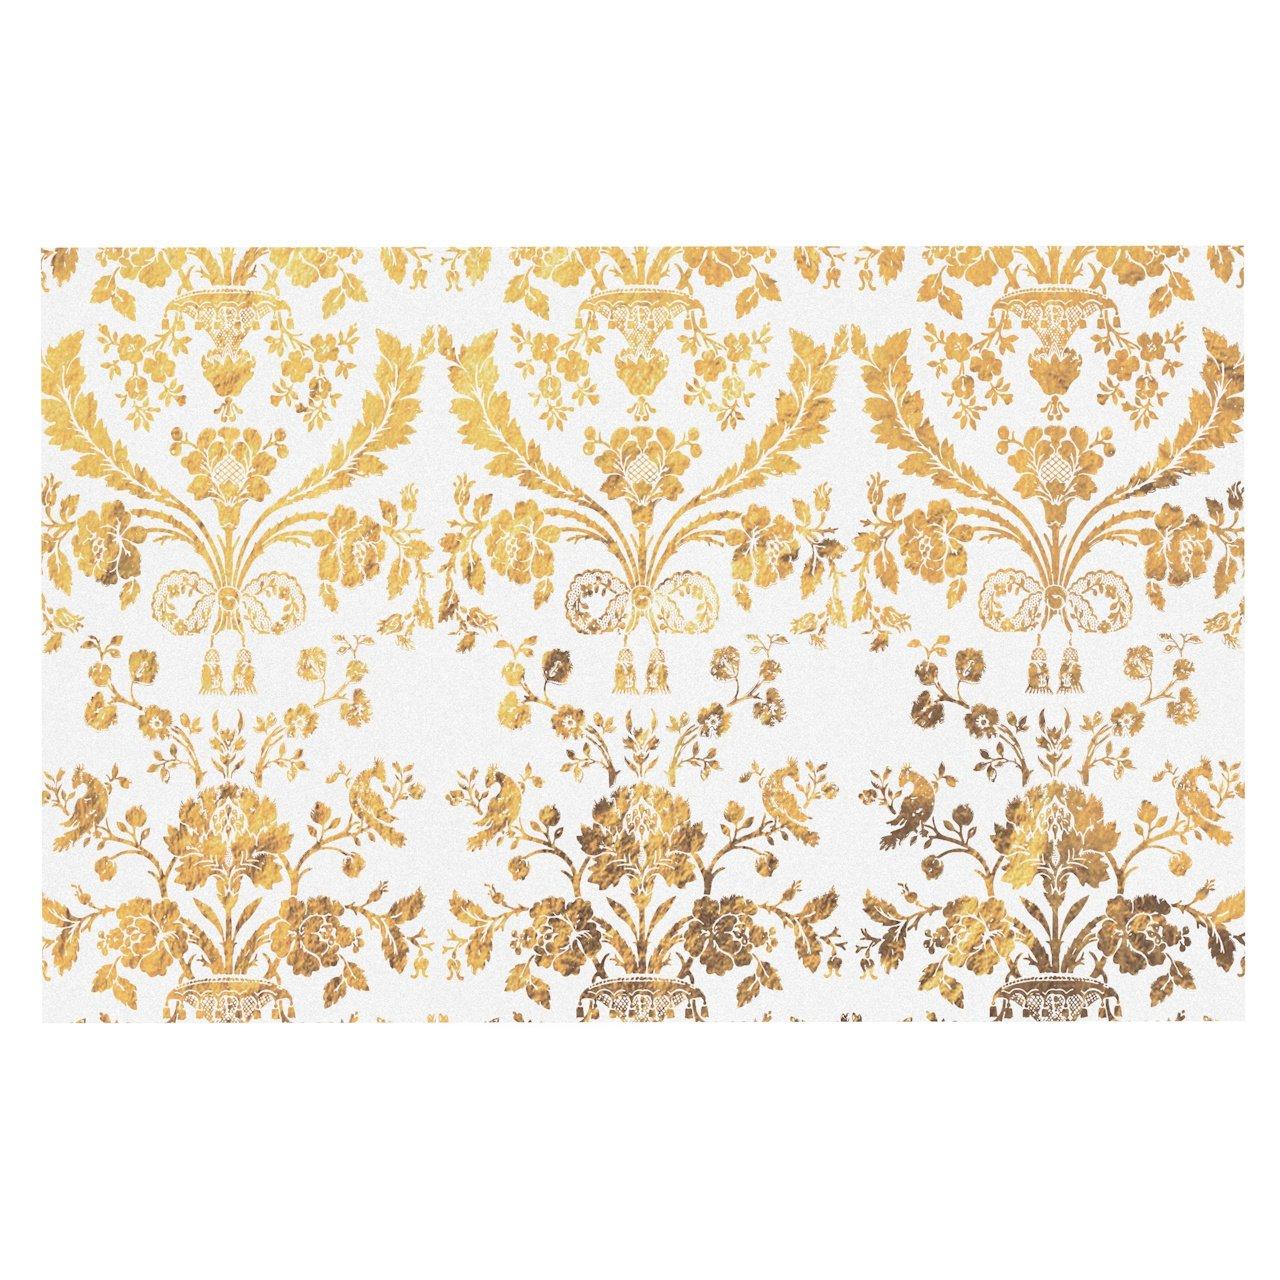 Kess InHouse Alison Coxon Indian Summer Purple Teal Abstract Decorative Door 2 x 3 Floor Mat